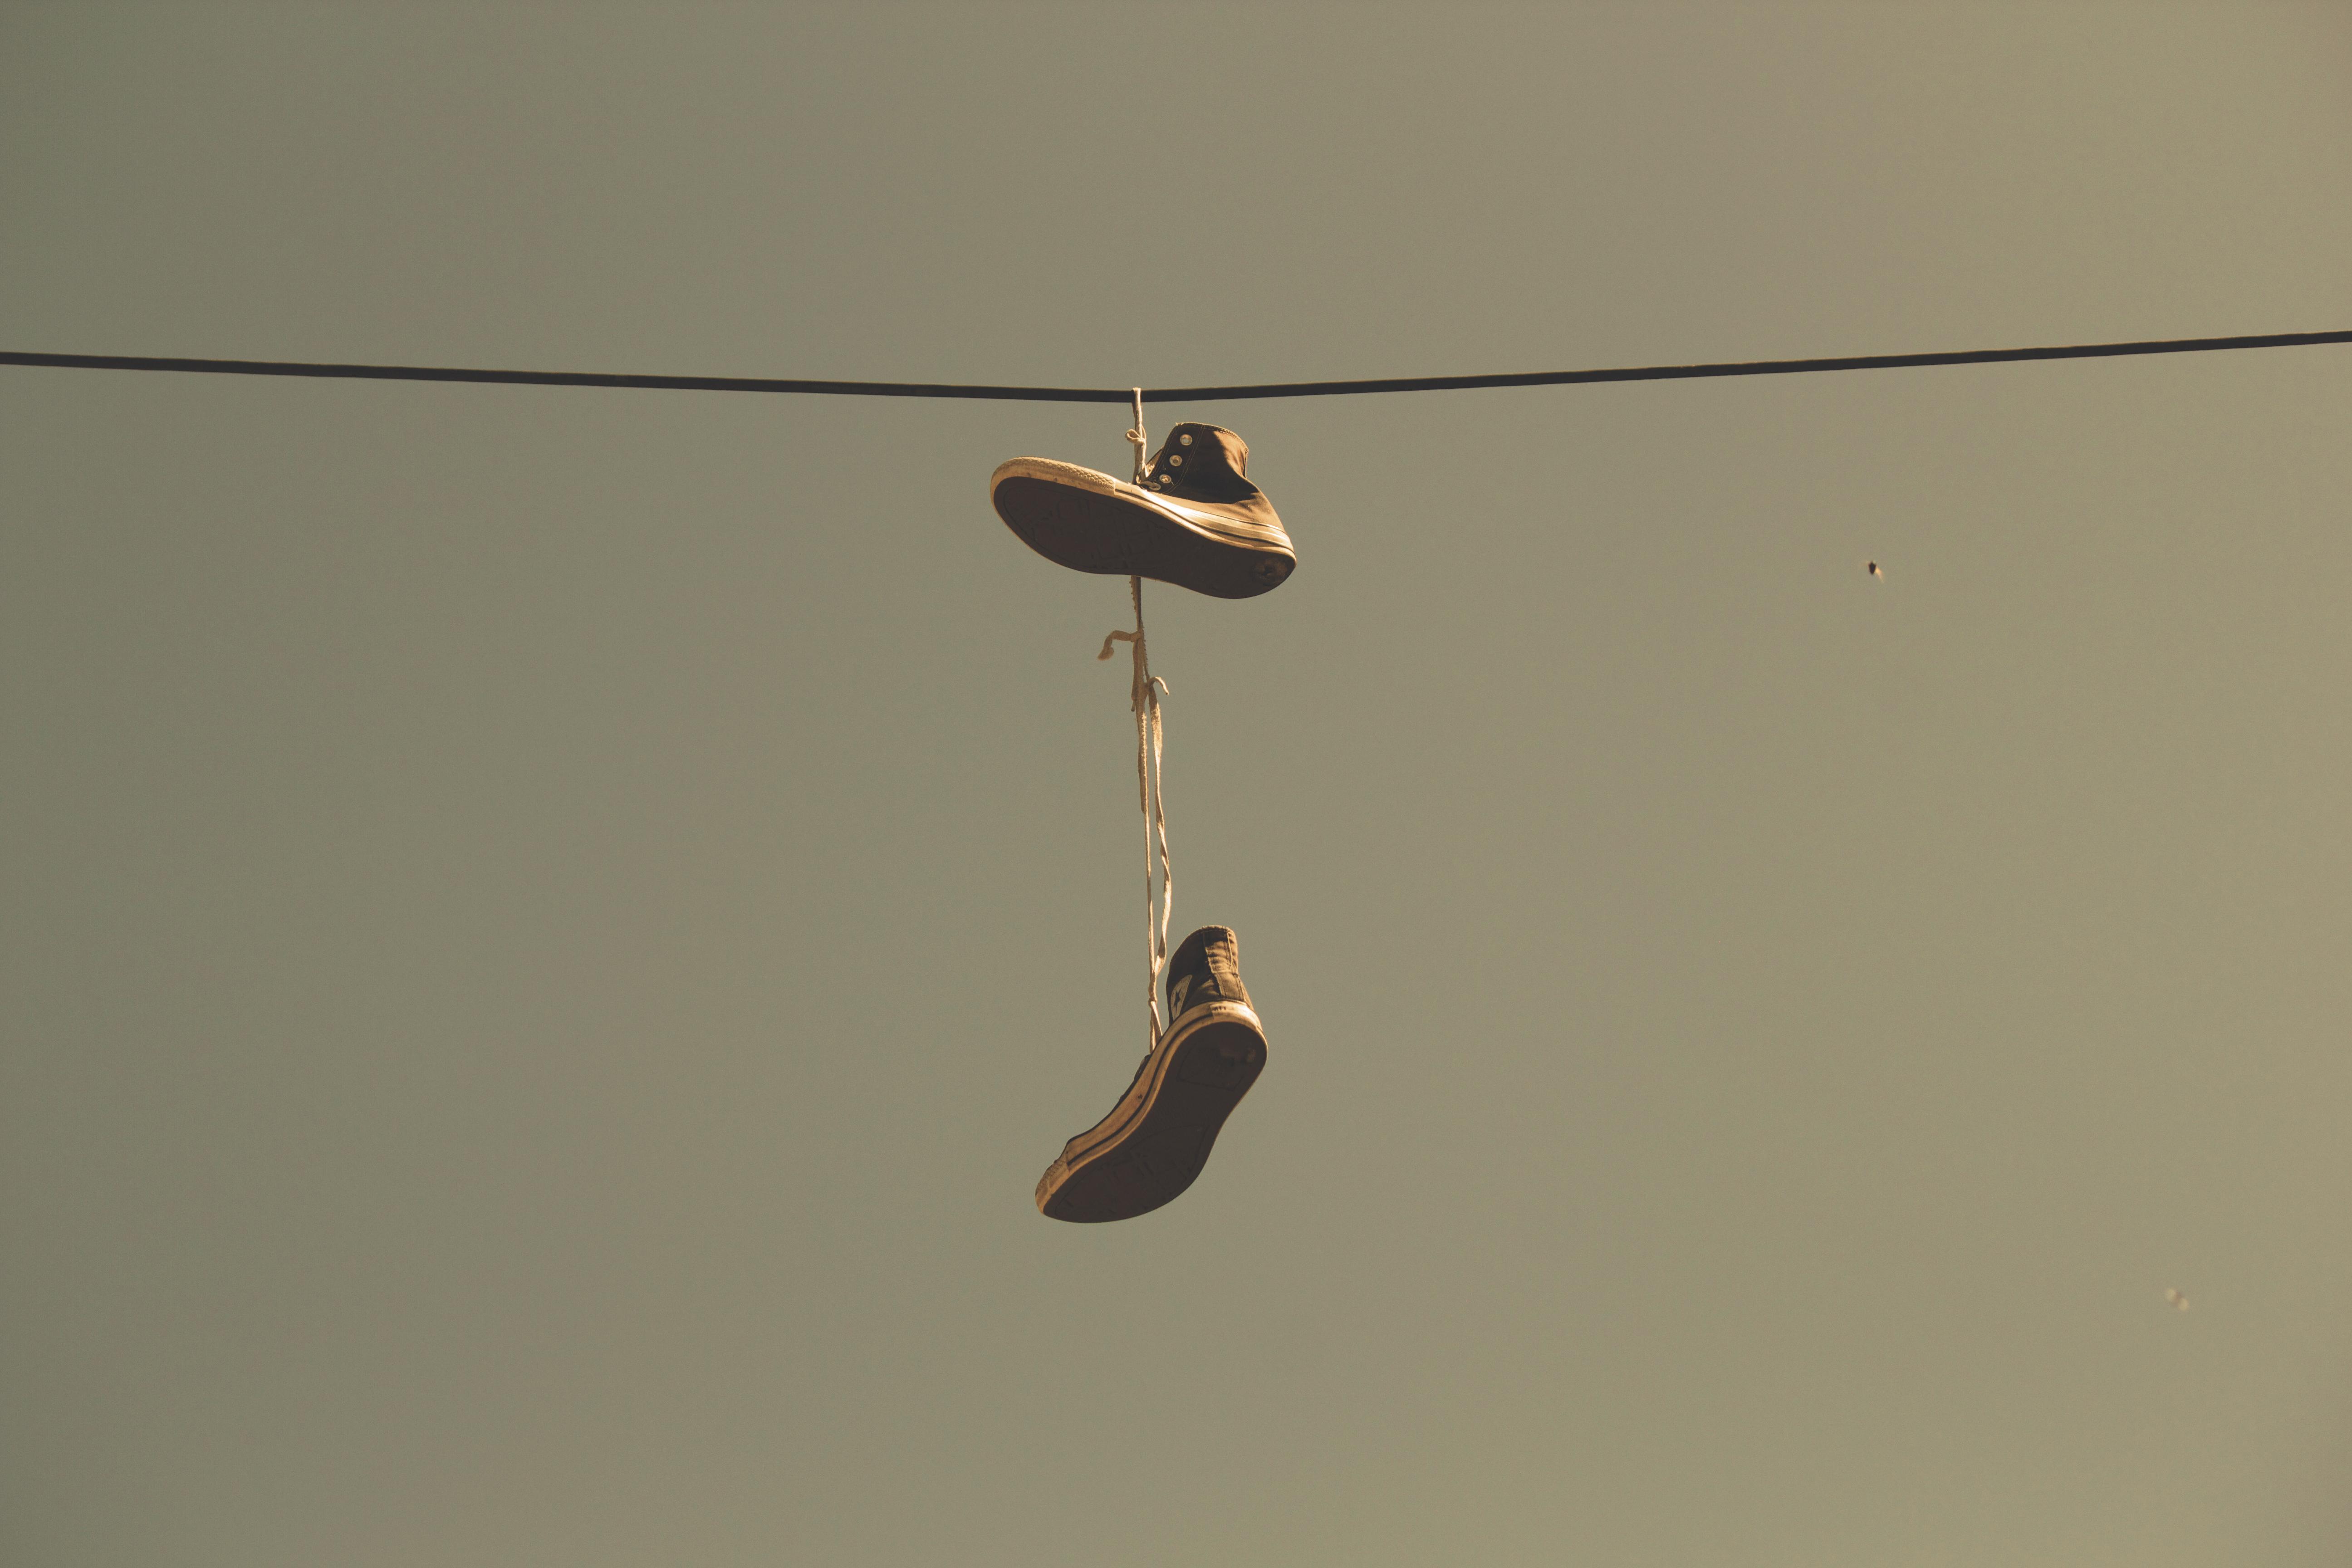 Wo drückt der Schuh?